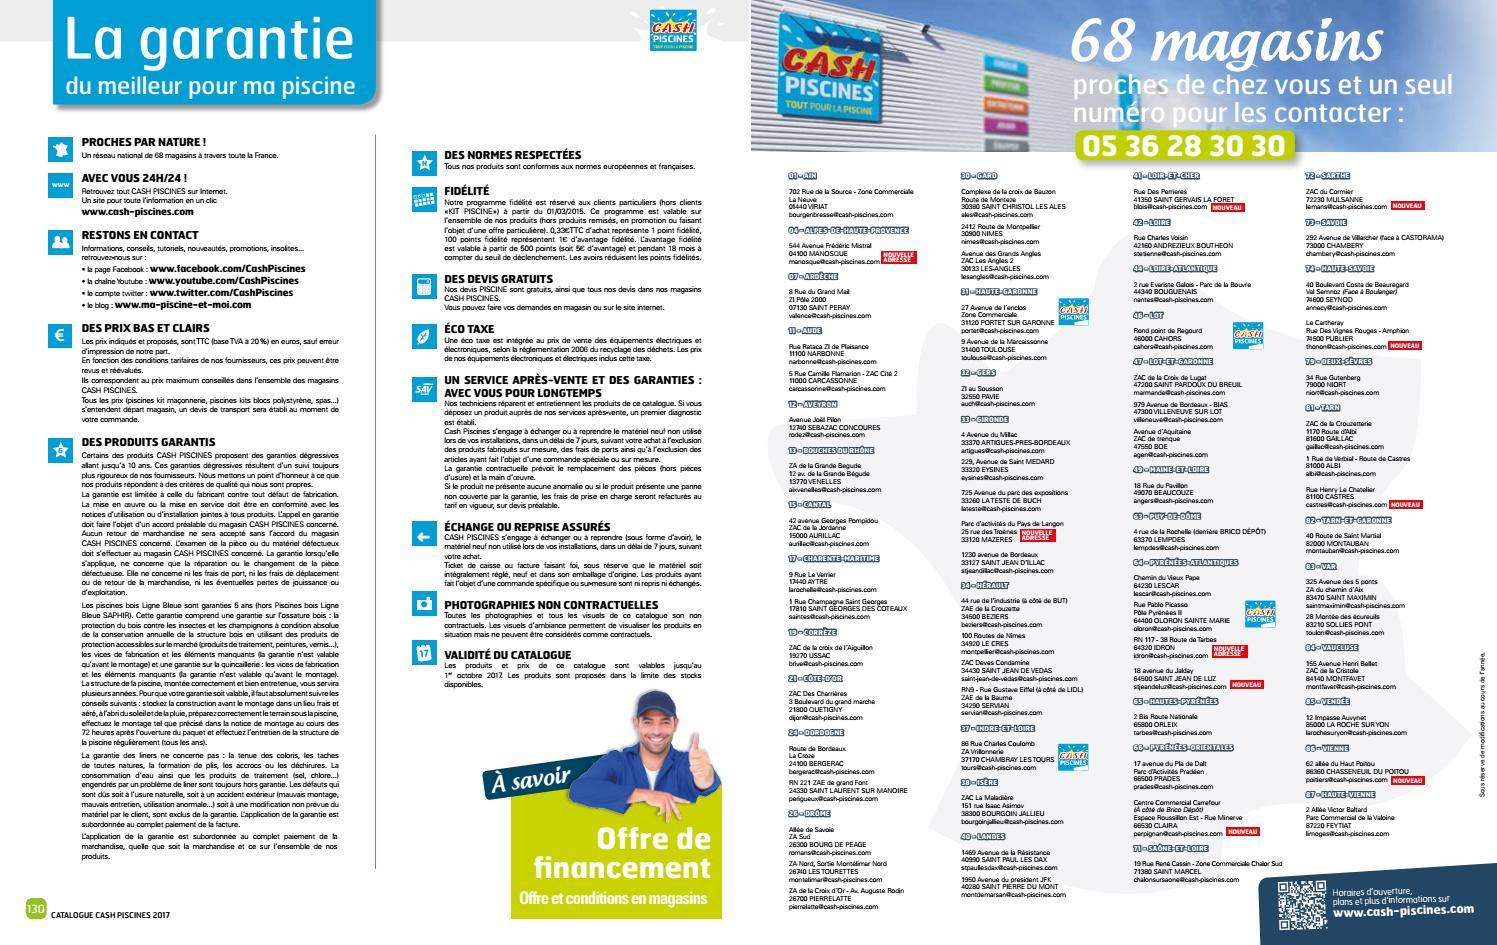 Catalogue Cash Piscine 2017 By Octave Octave - Issuu pour Cash Piscine Brive